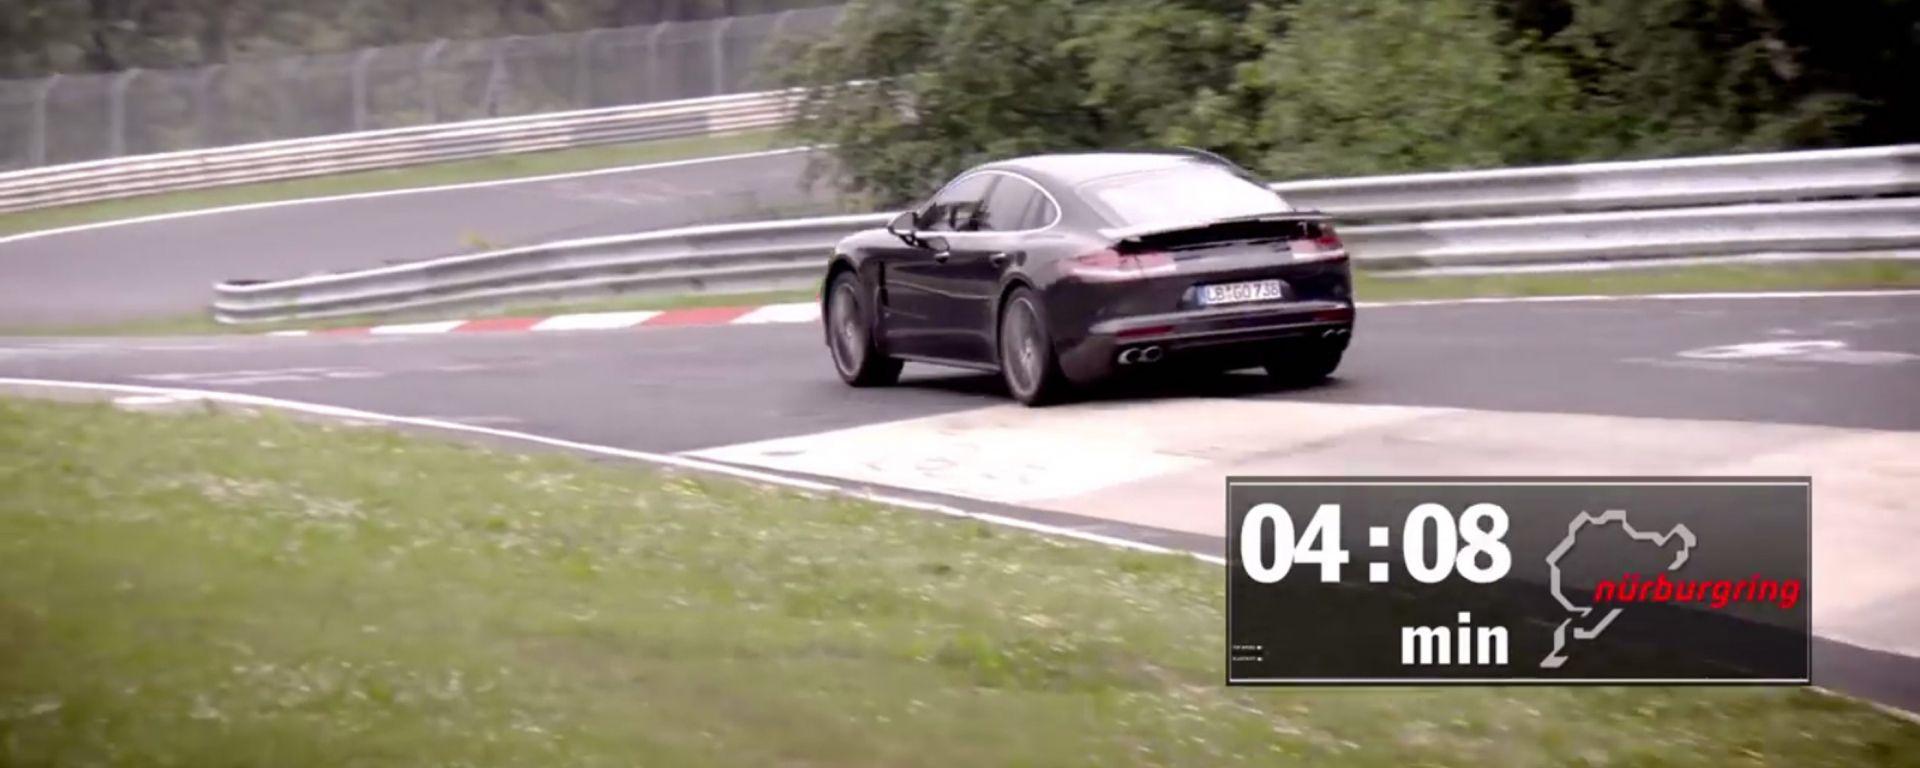 Porsche Panamera: al Nürburgring batte l'Alfa Romeo Giulia